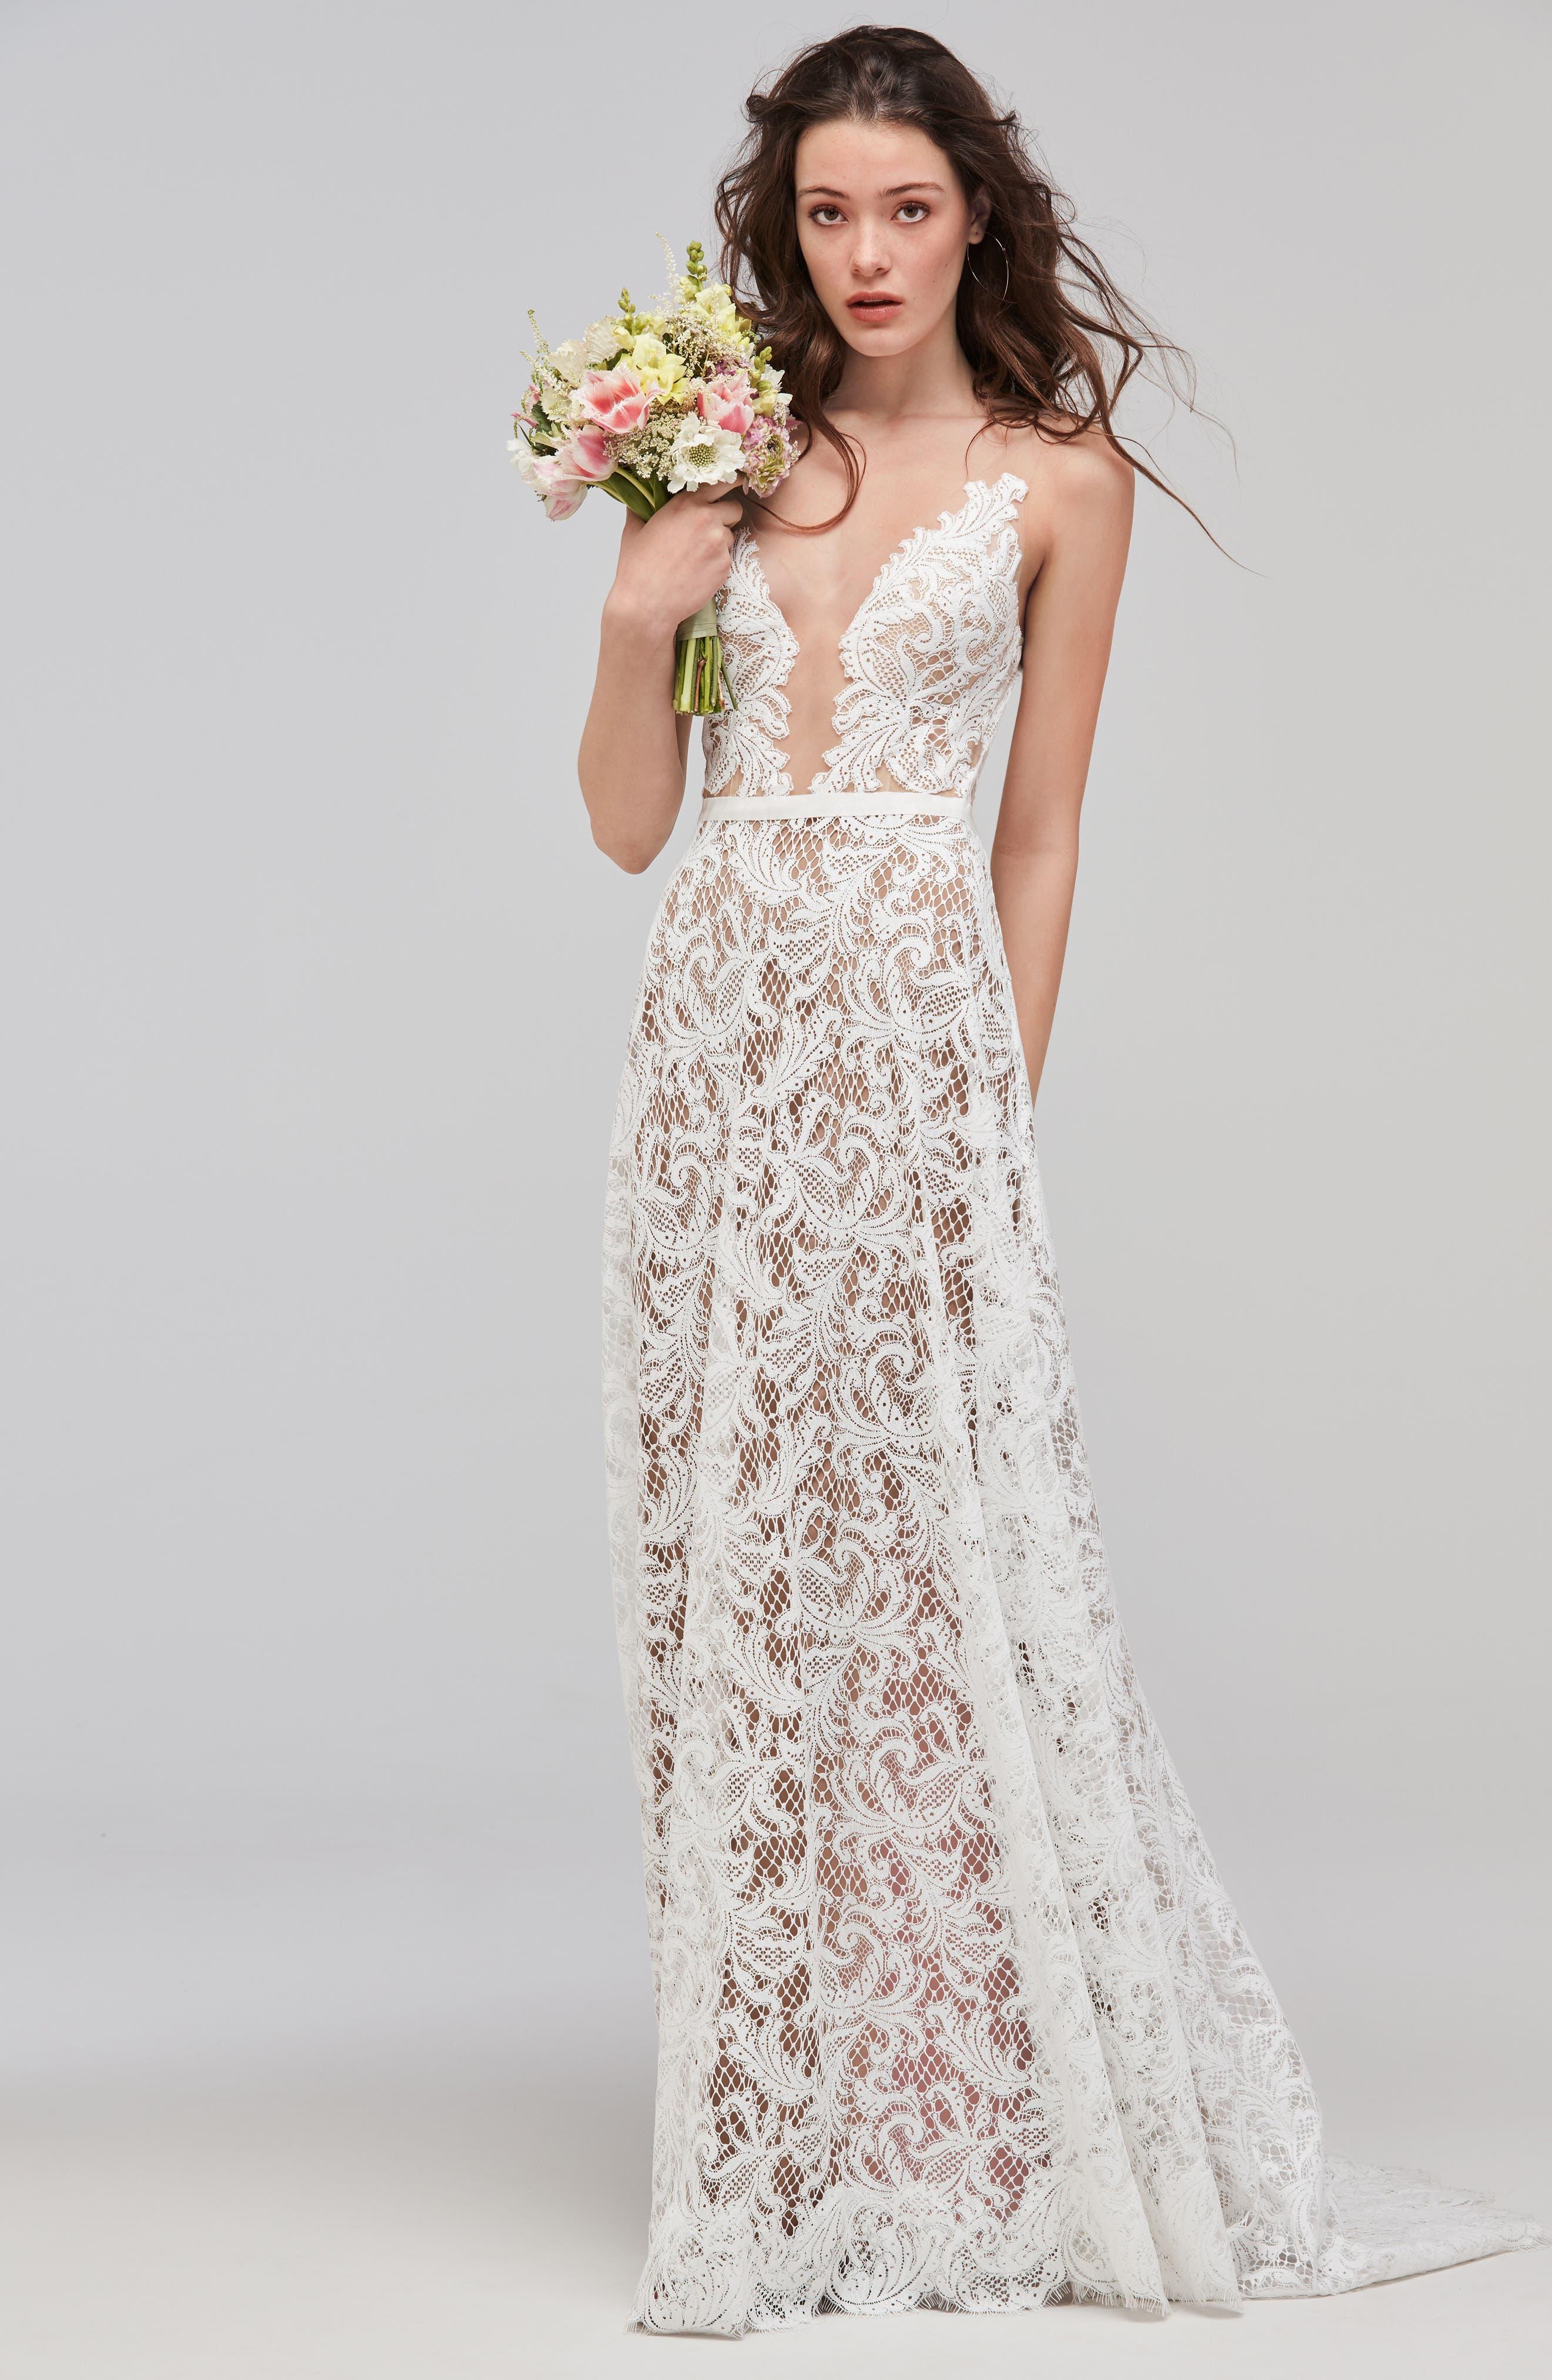 Willowby Asa Sleeveless V-Neck Lace & Tulle Wedding Dress, Ivory